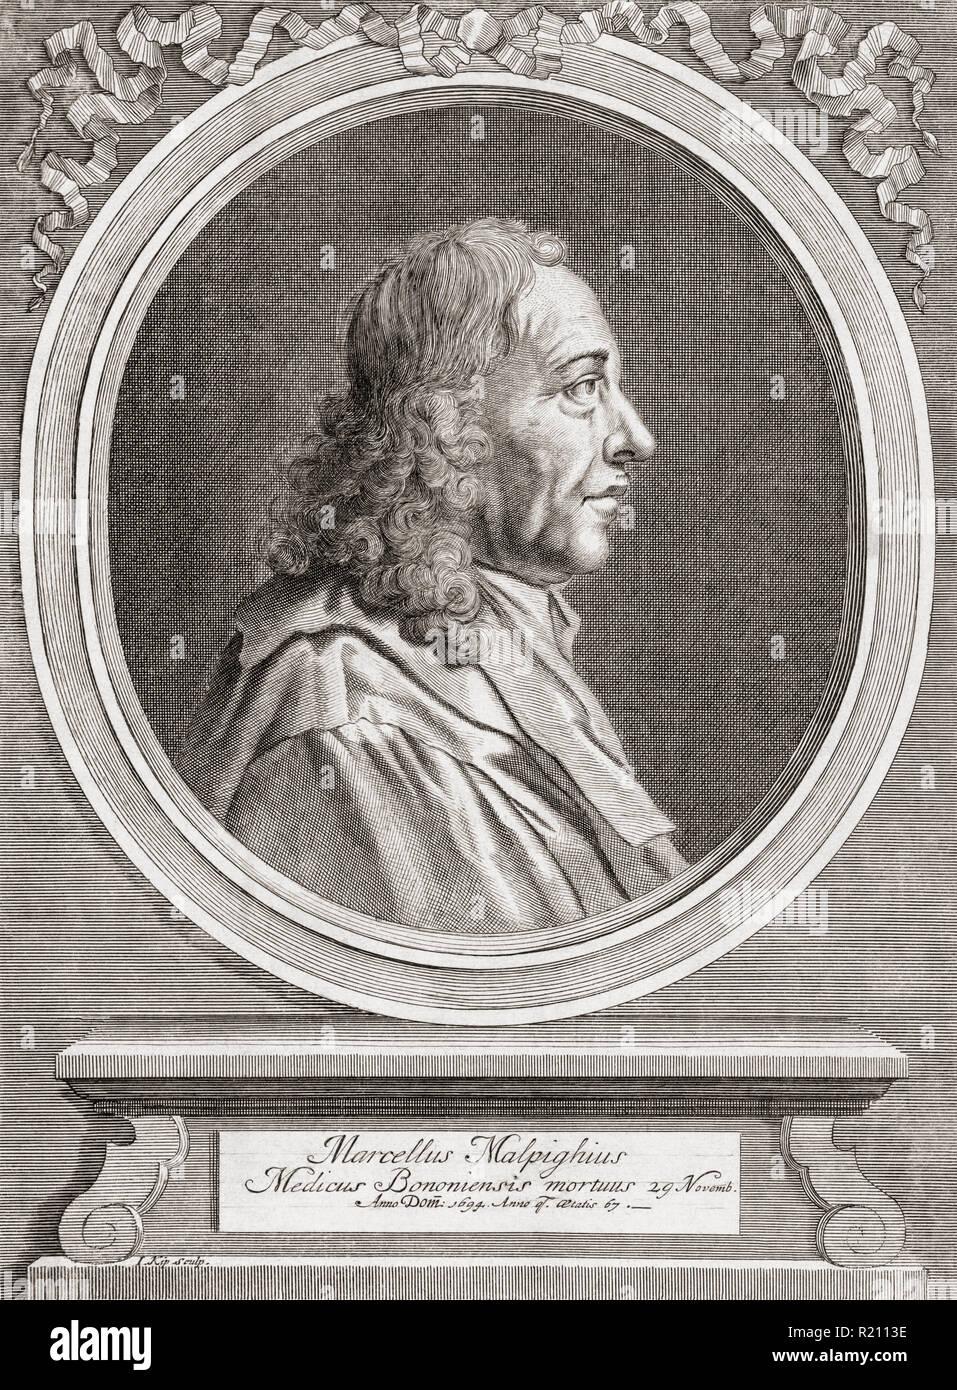 """Marcello Malpighi, 1628 - 1694. El biólogo y médico italiano. Considerado como el """"Padre del microscópico Anatomía, Histología, fisiología y embriología"""". Imagen De Stock"""